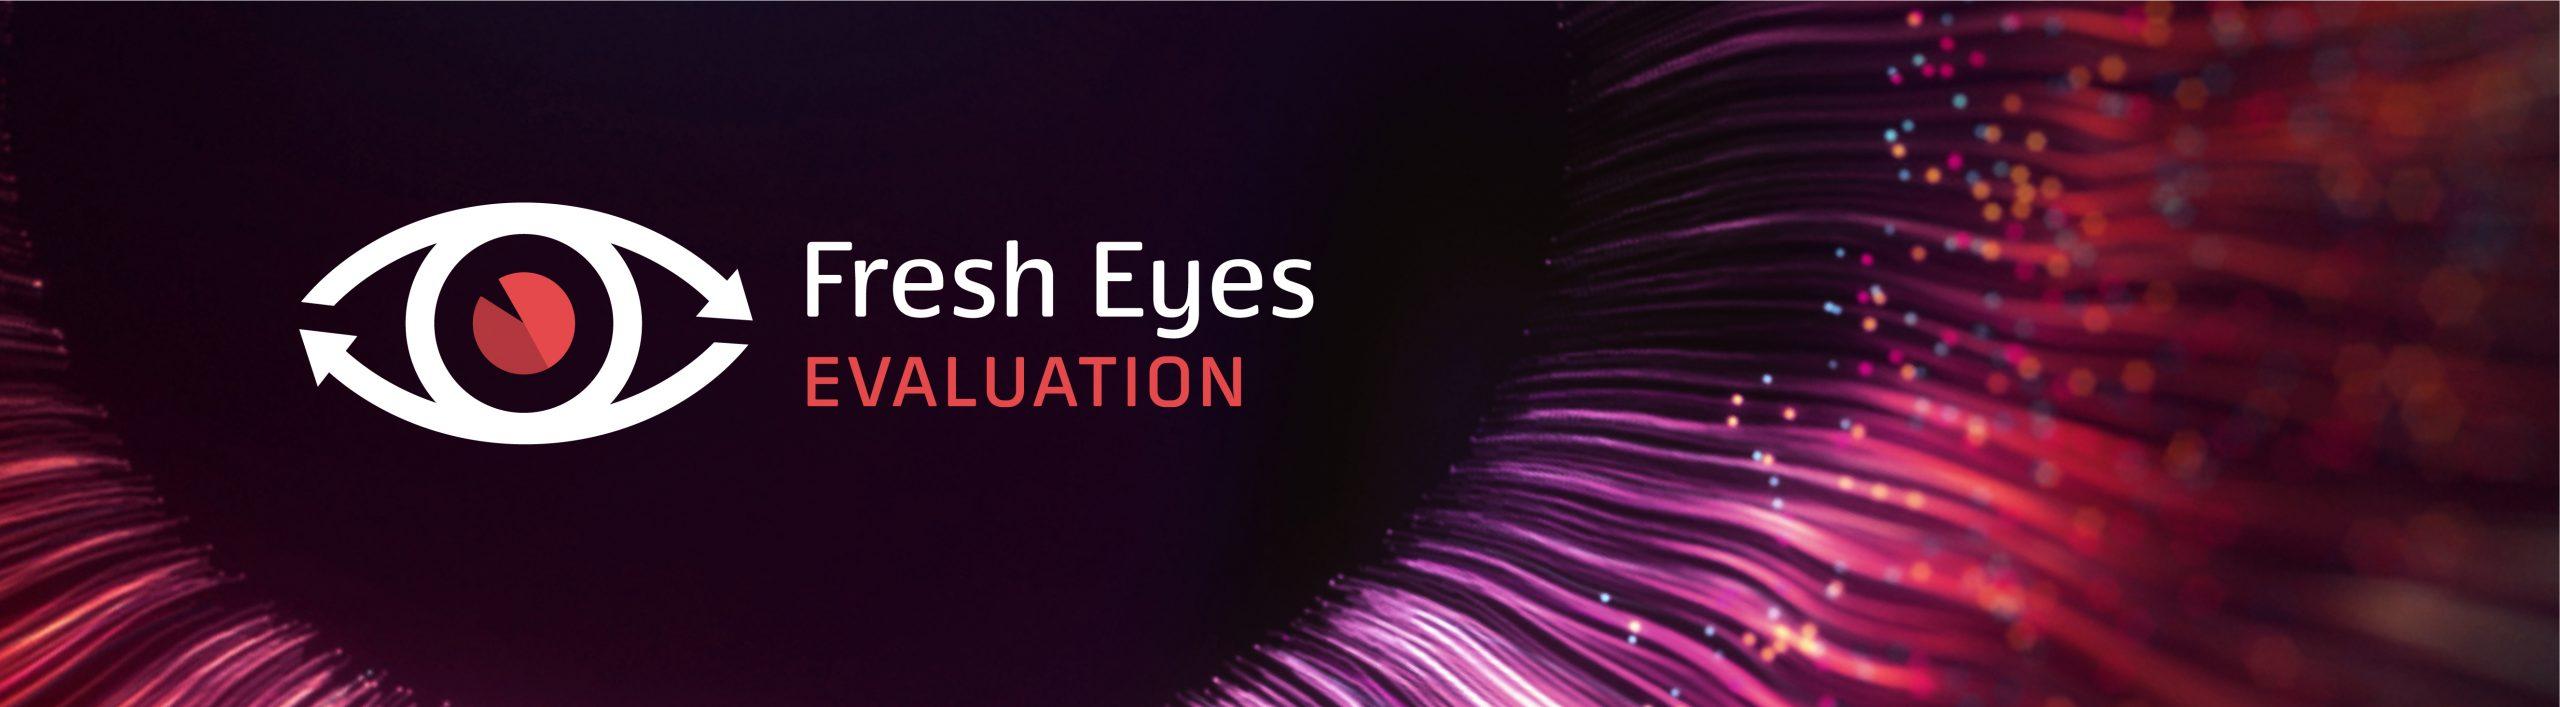 Fresh Eyes Evaluation Image